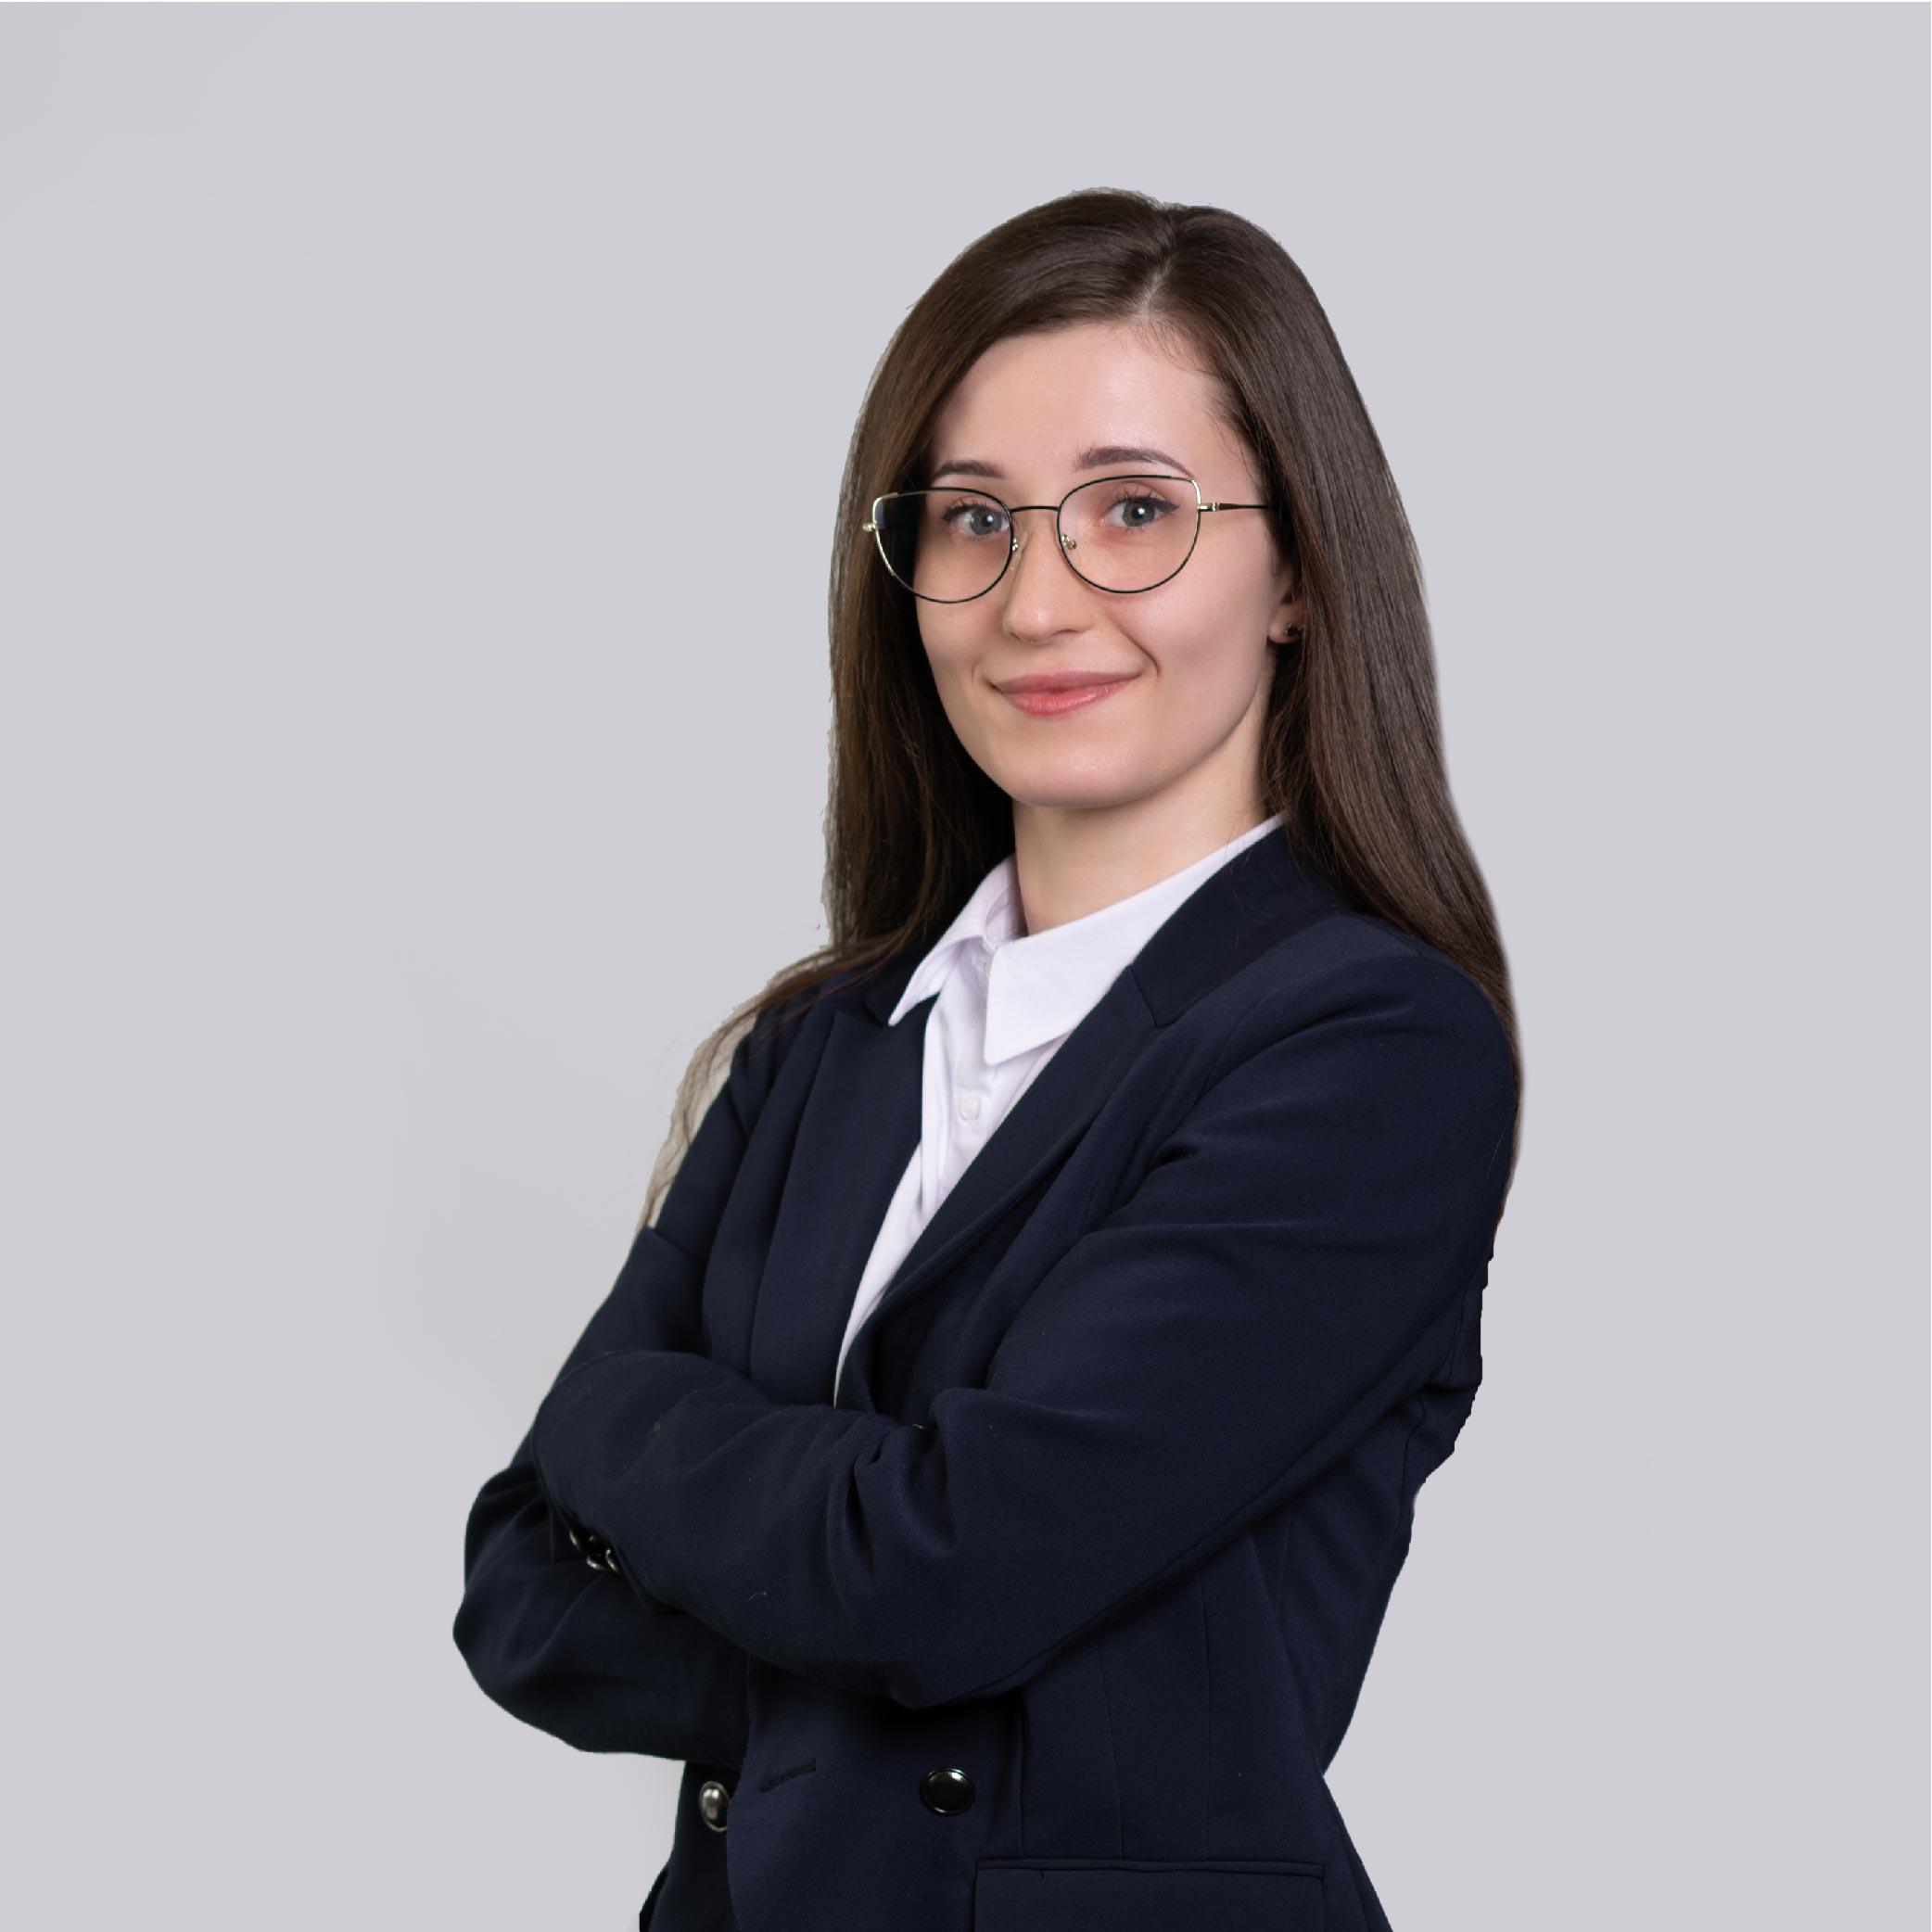 Sabina Kopeć